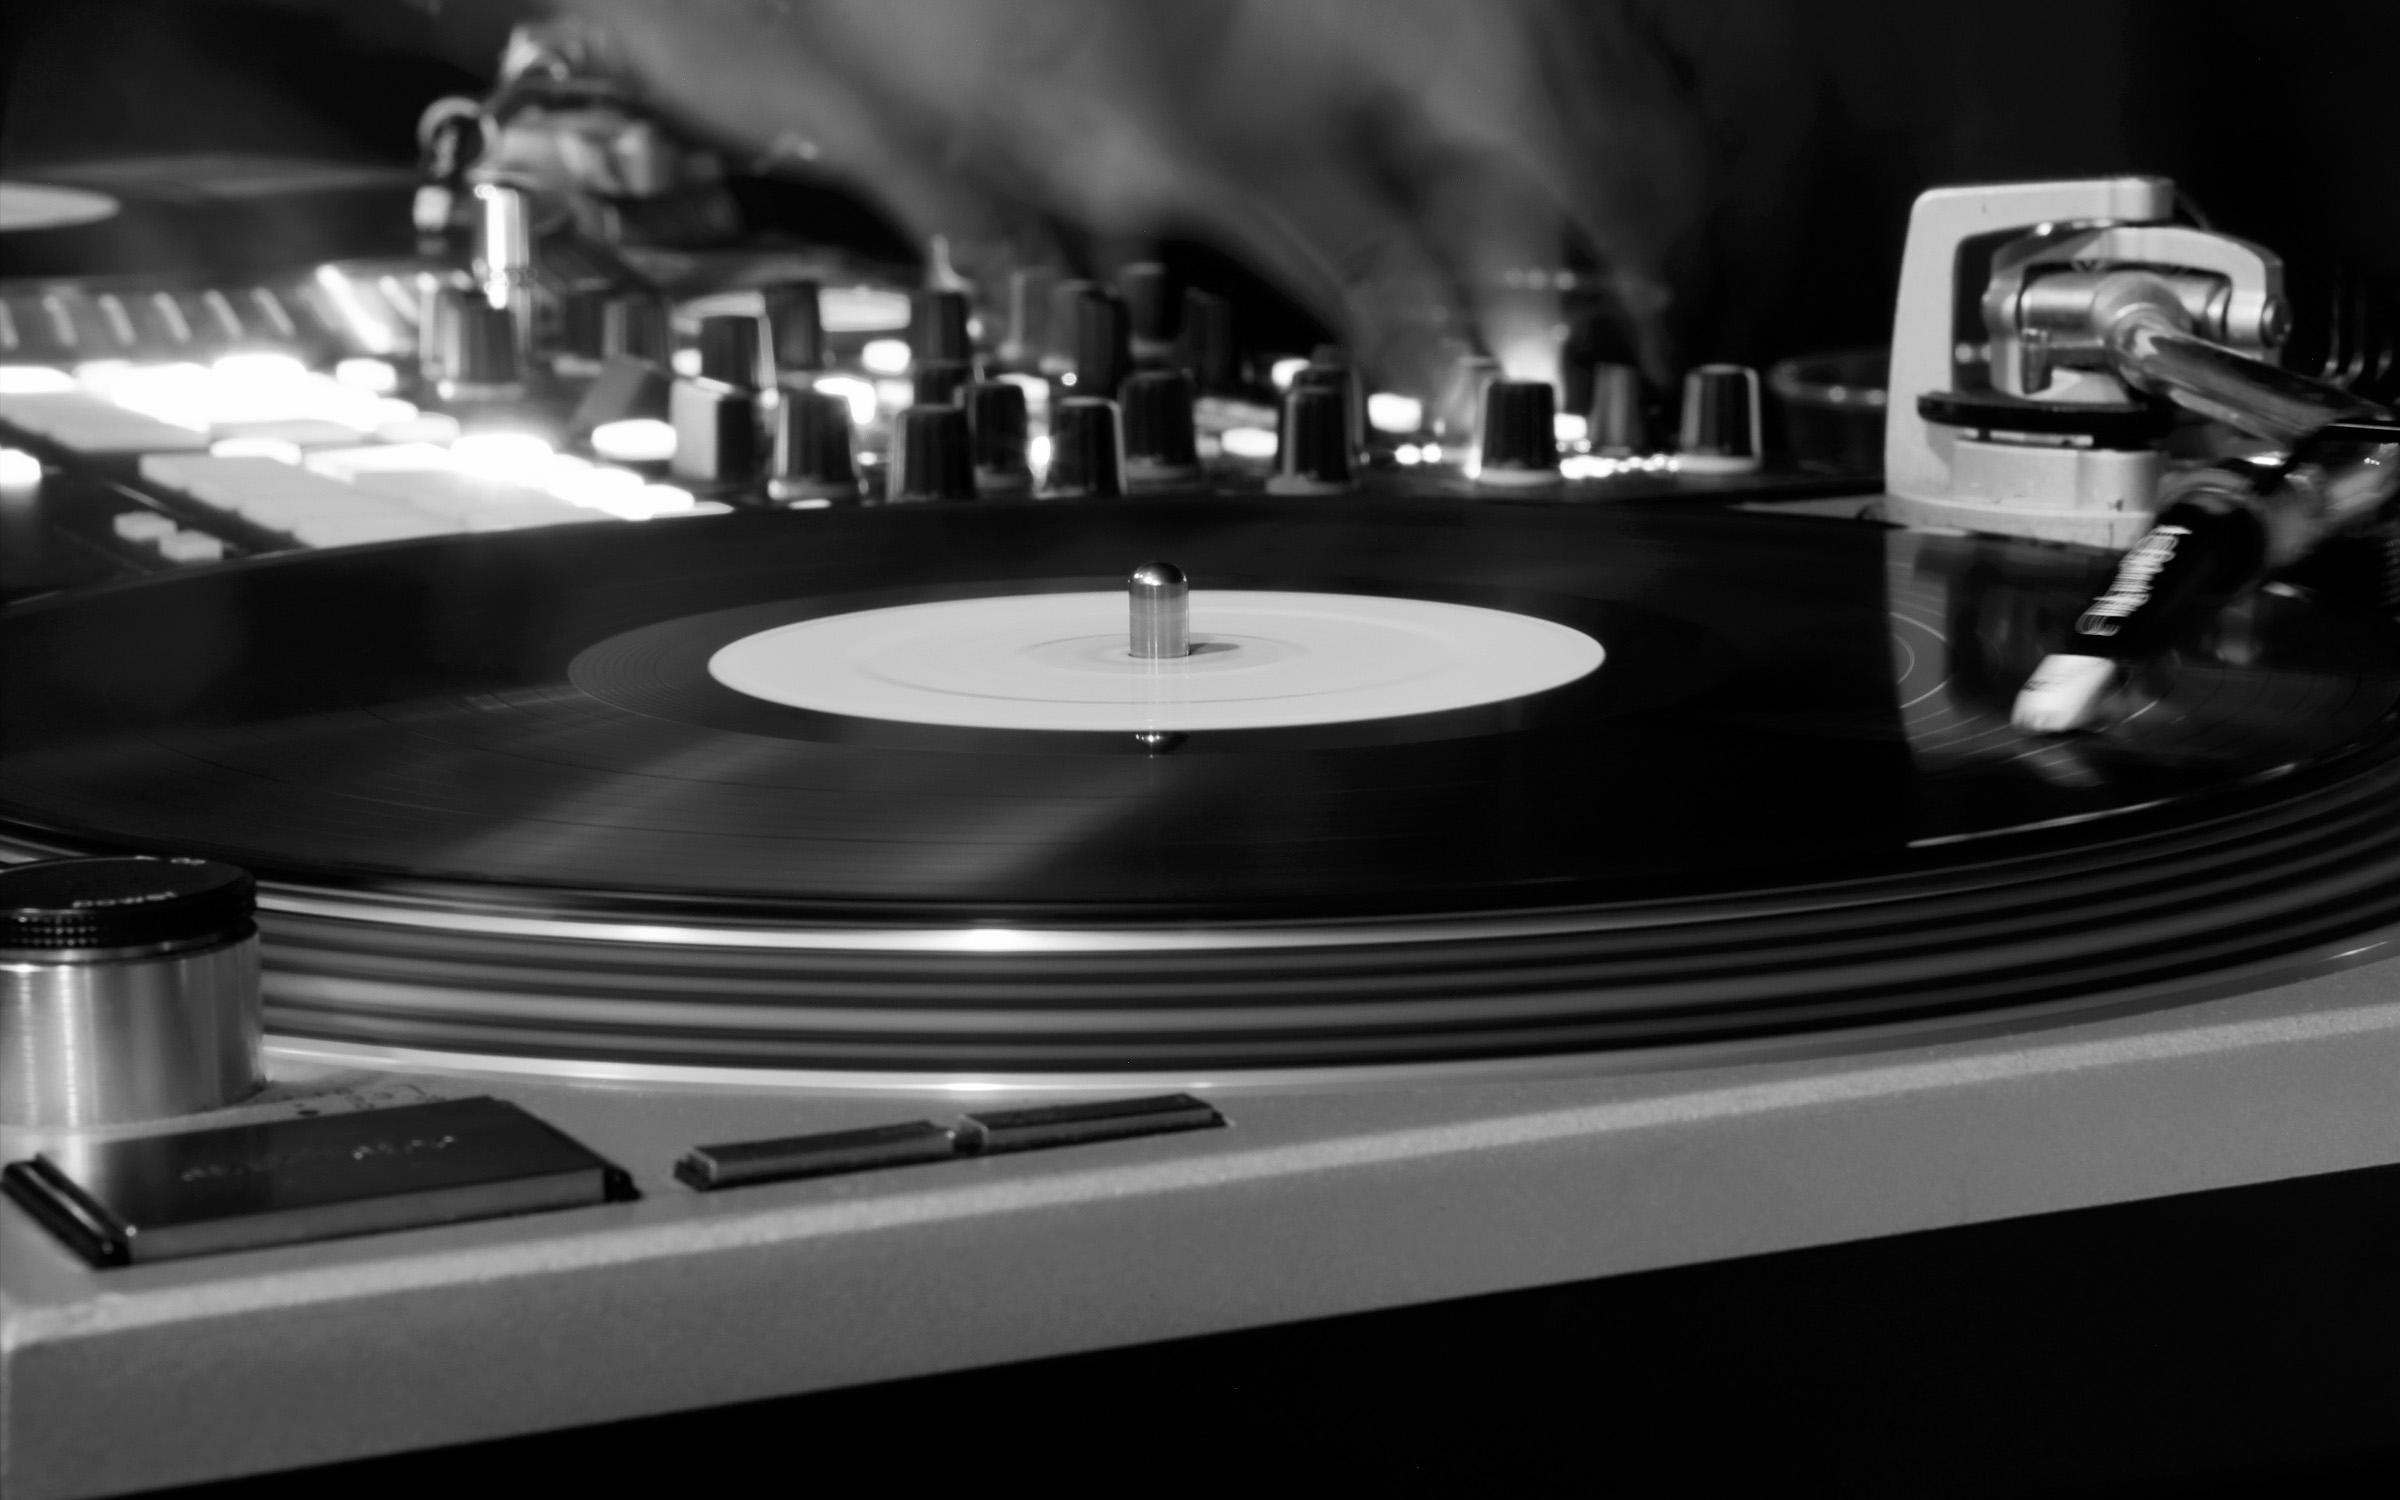 LHH-Technics-MK2-black-white